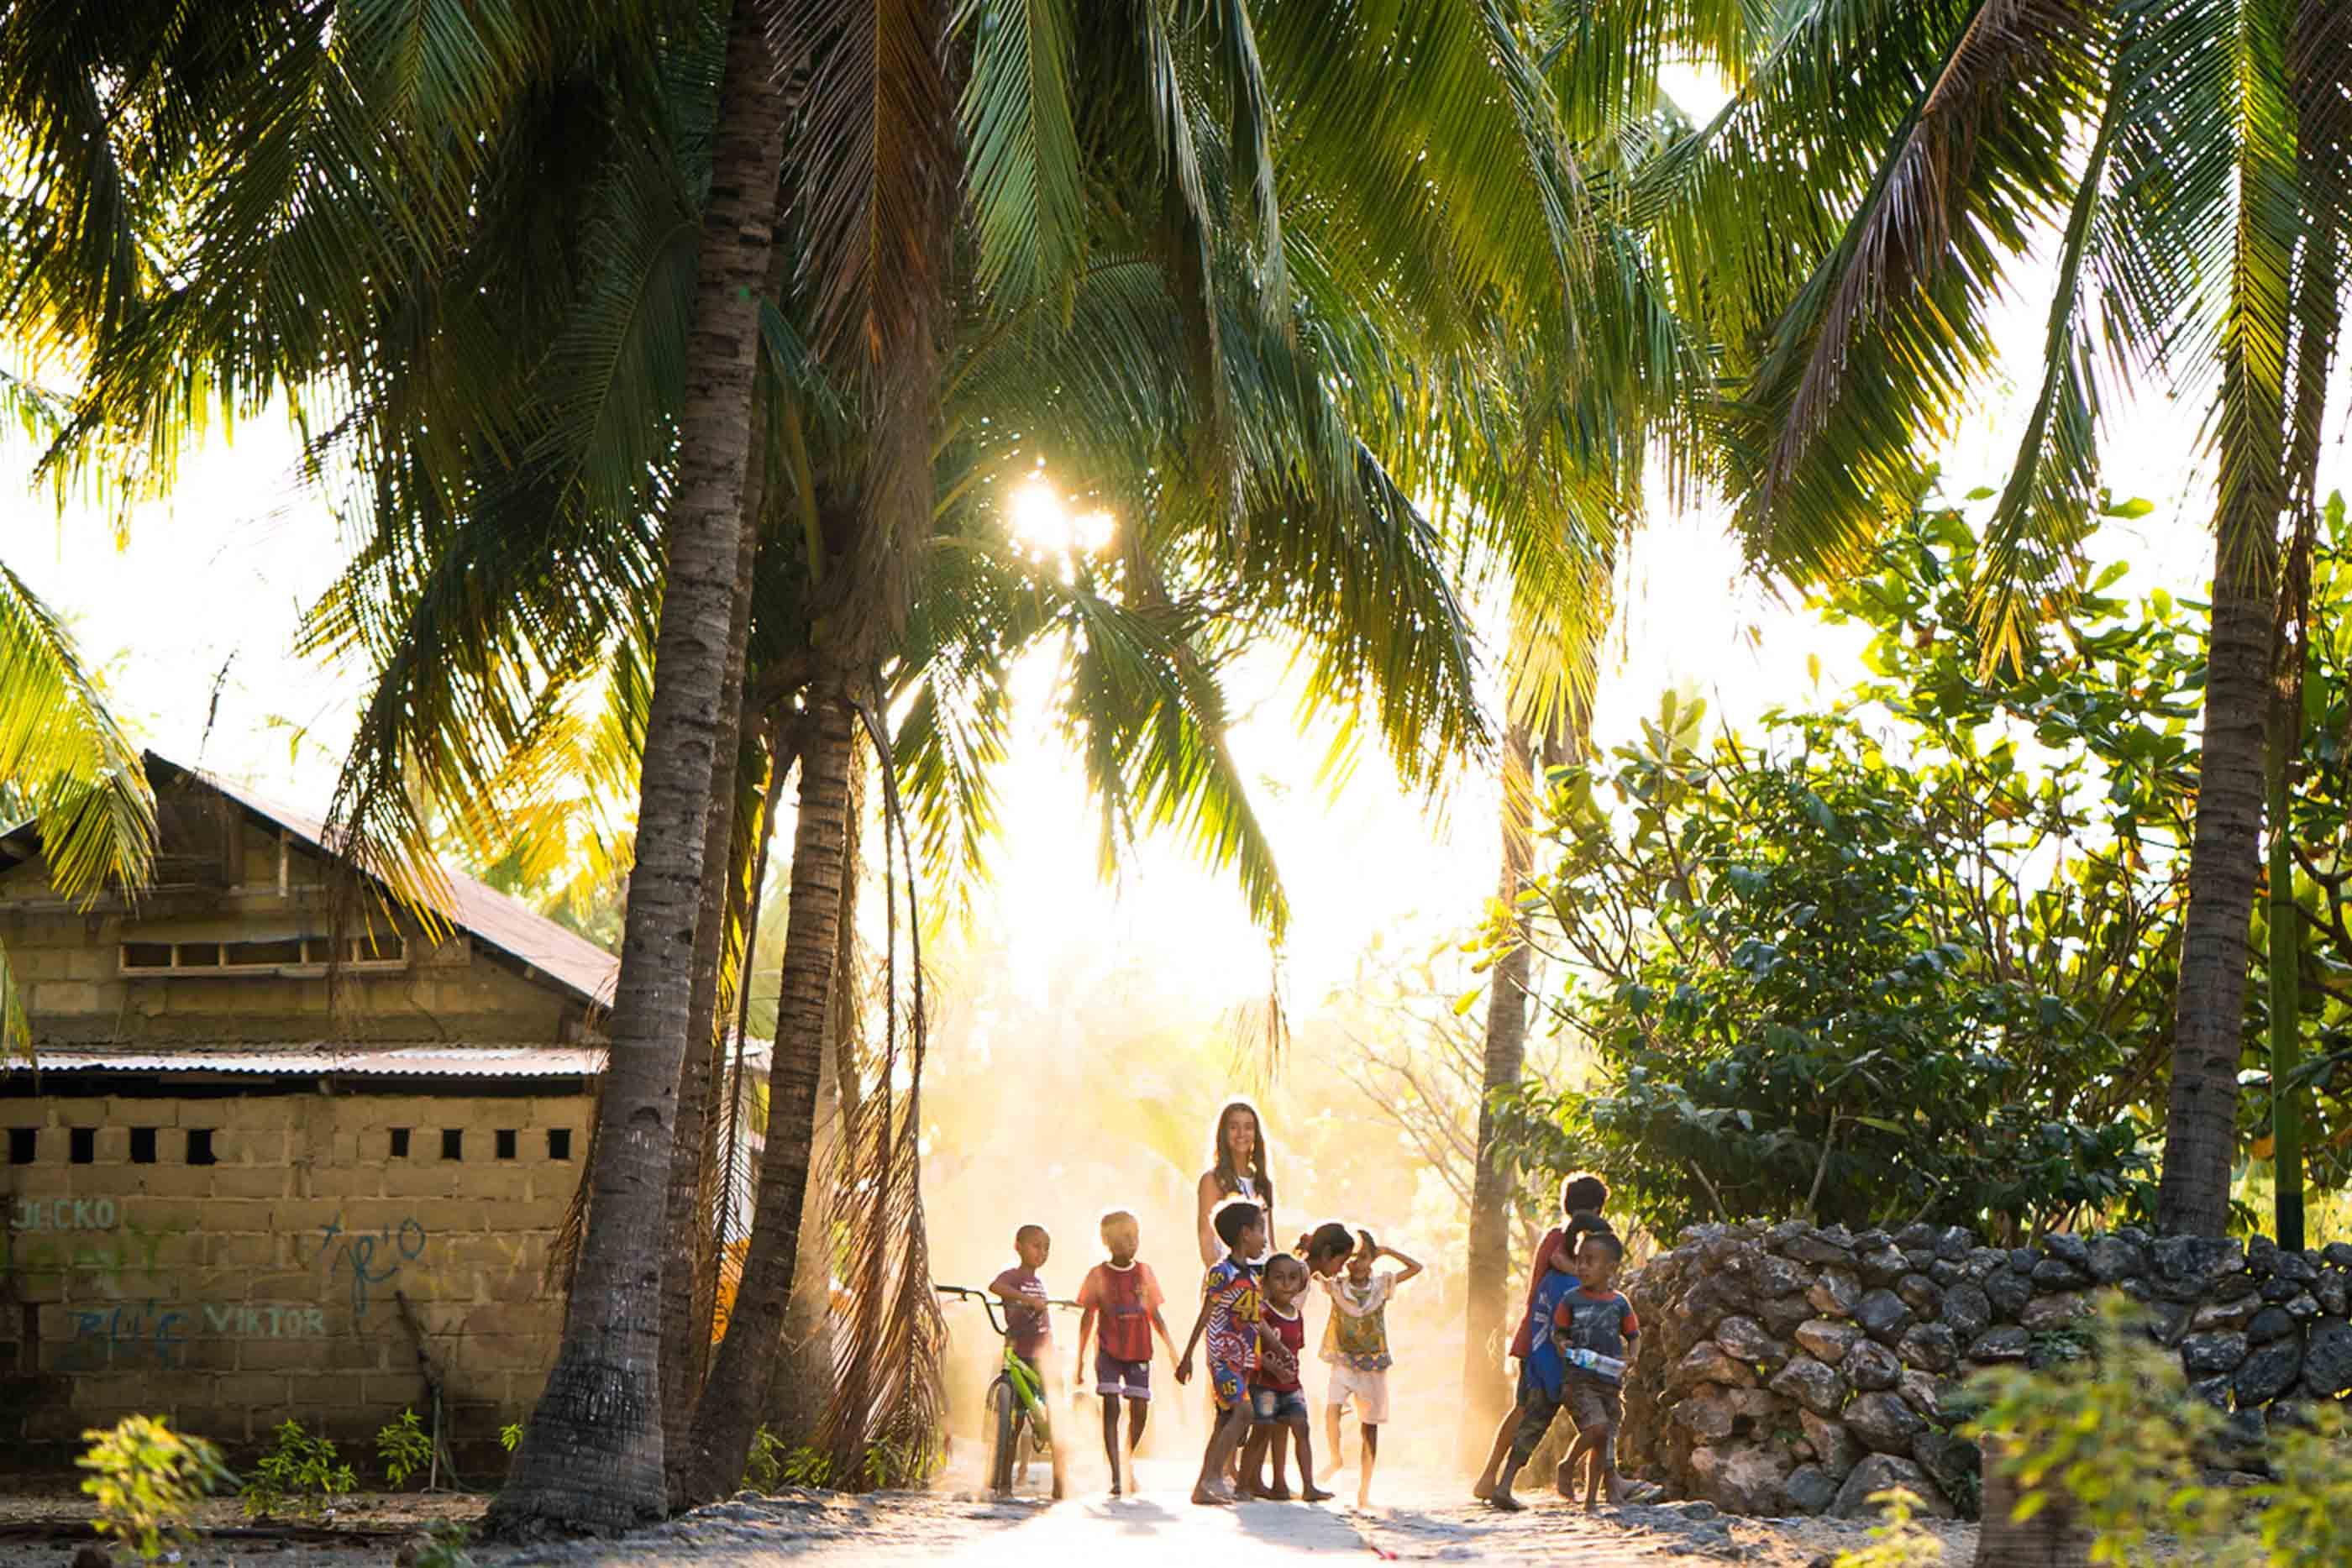 Paisagem tropical com palmeiras à volta e uma casa do loado esquerda da imagem. No centro, crianças e uma senhora.